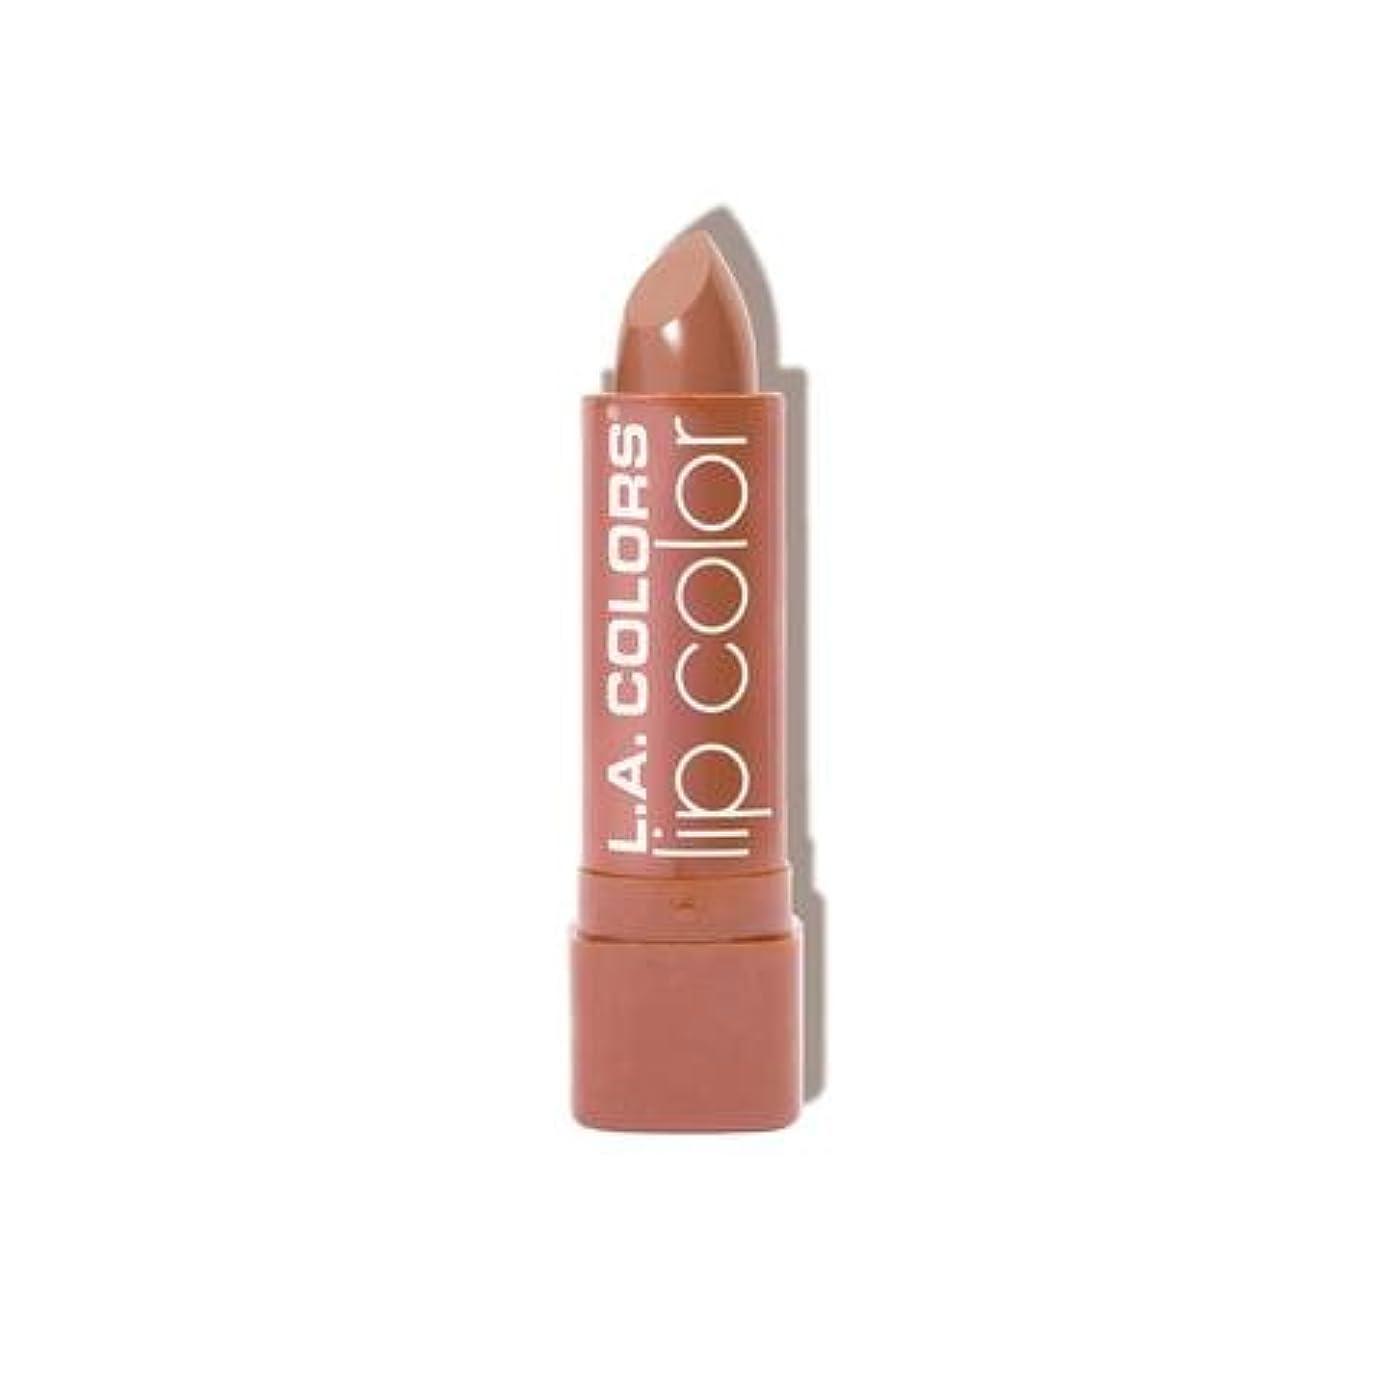 事業内容ノーブル反応する(3 Pack) L.A. COLORS Moisture Rich Lip Color - In The Buff (並行輸入品)